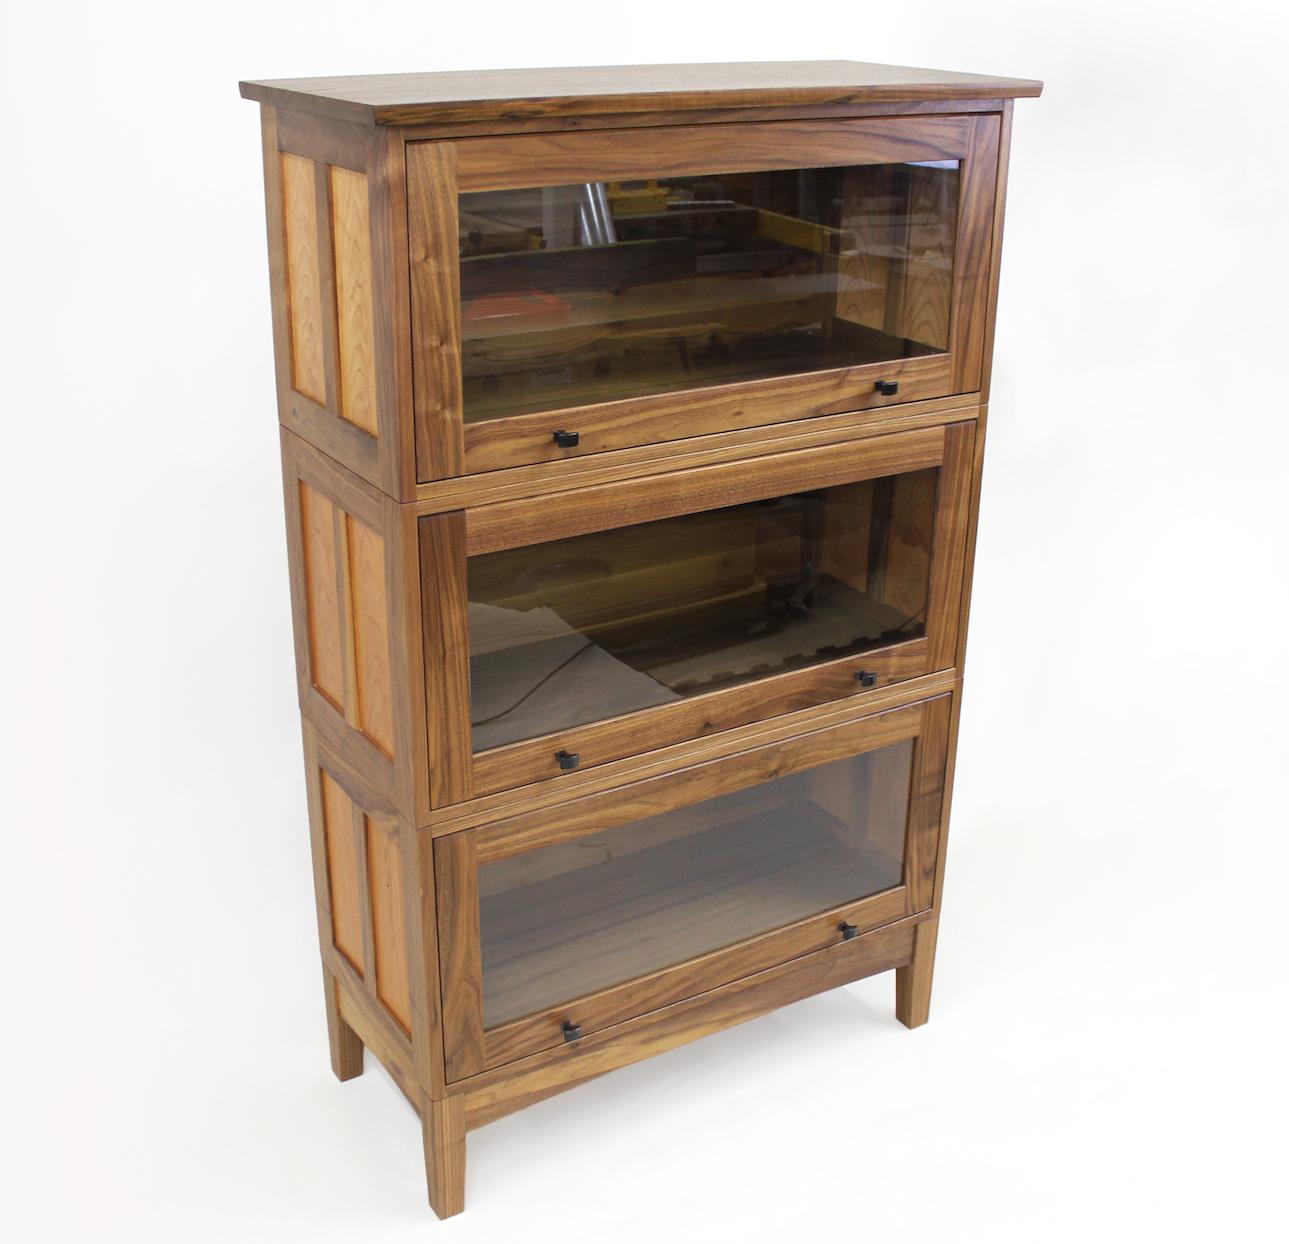 barrister bookshelf barristeru0027s bookshelf - the wooden whisperer's guild KYWPMSV